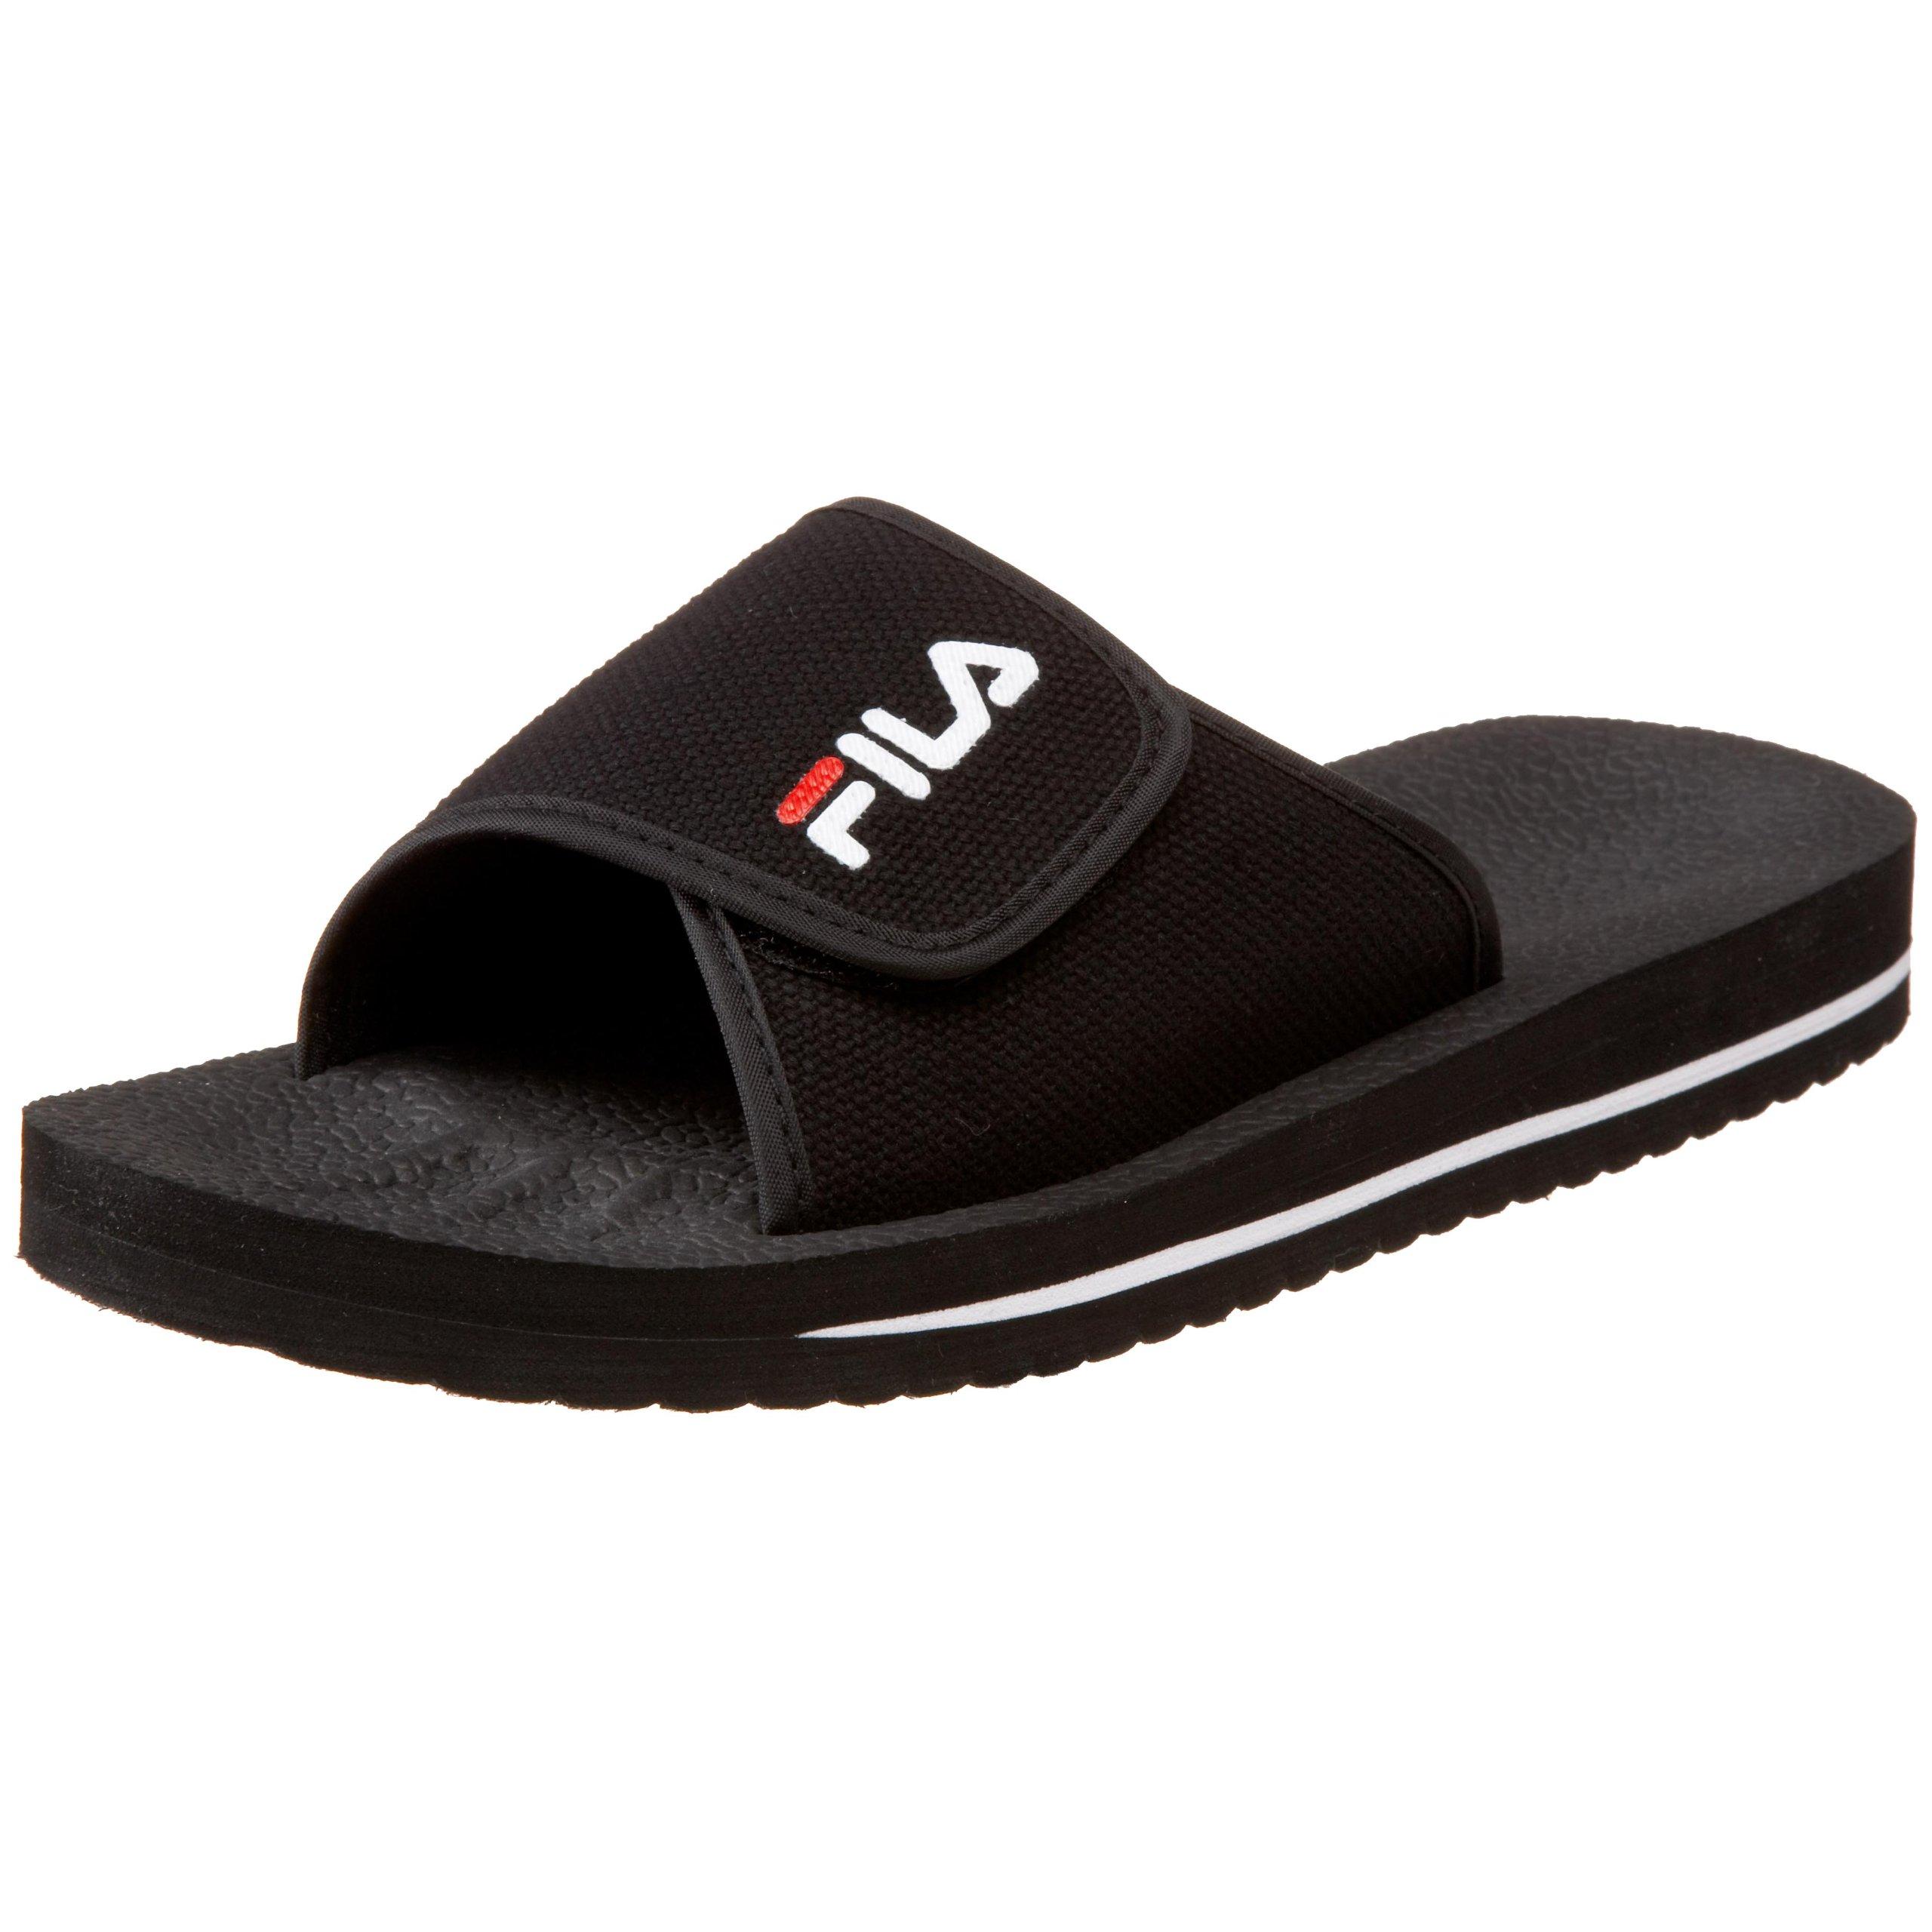 Fila Men's Slip On Sandal,Black/White/Red,9 M US